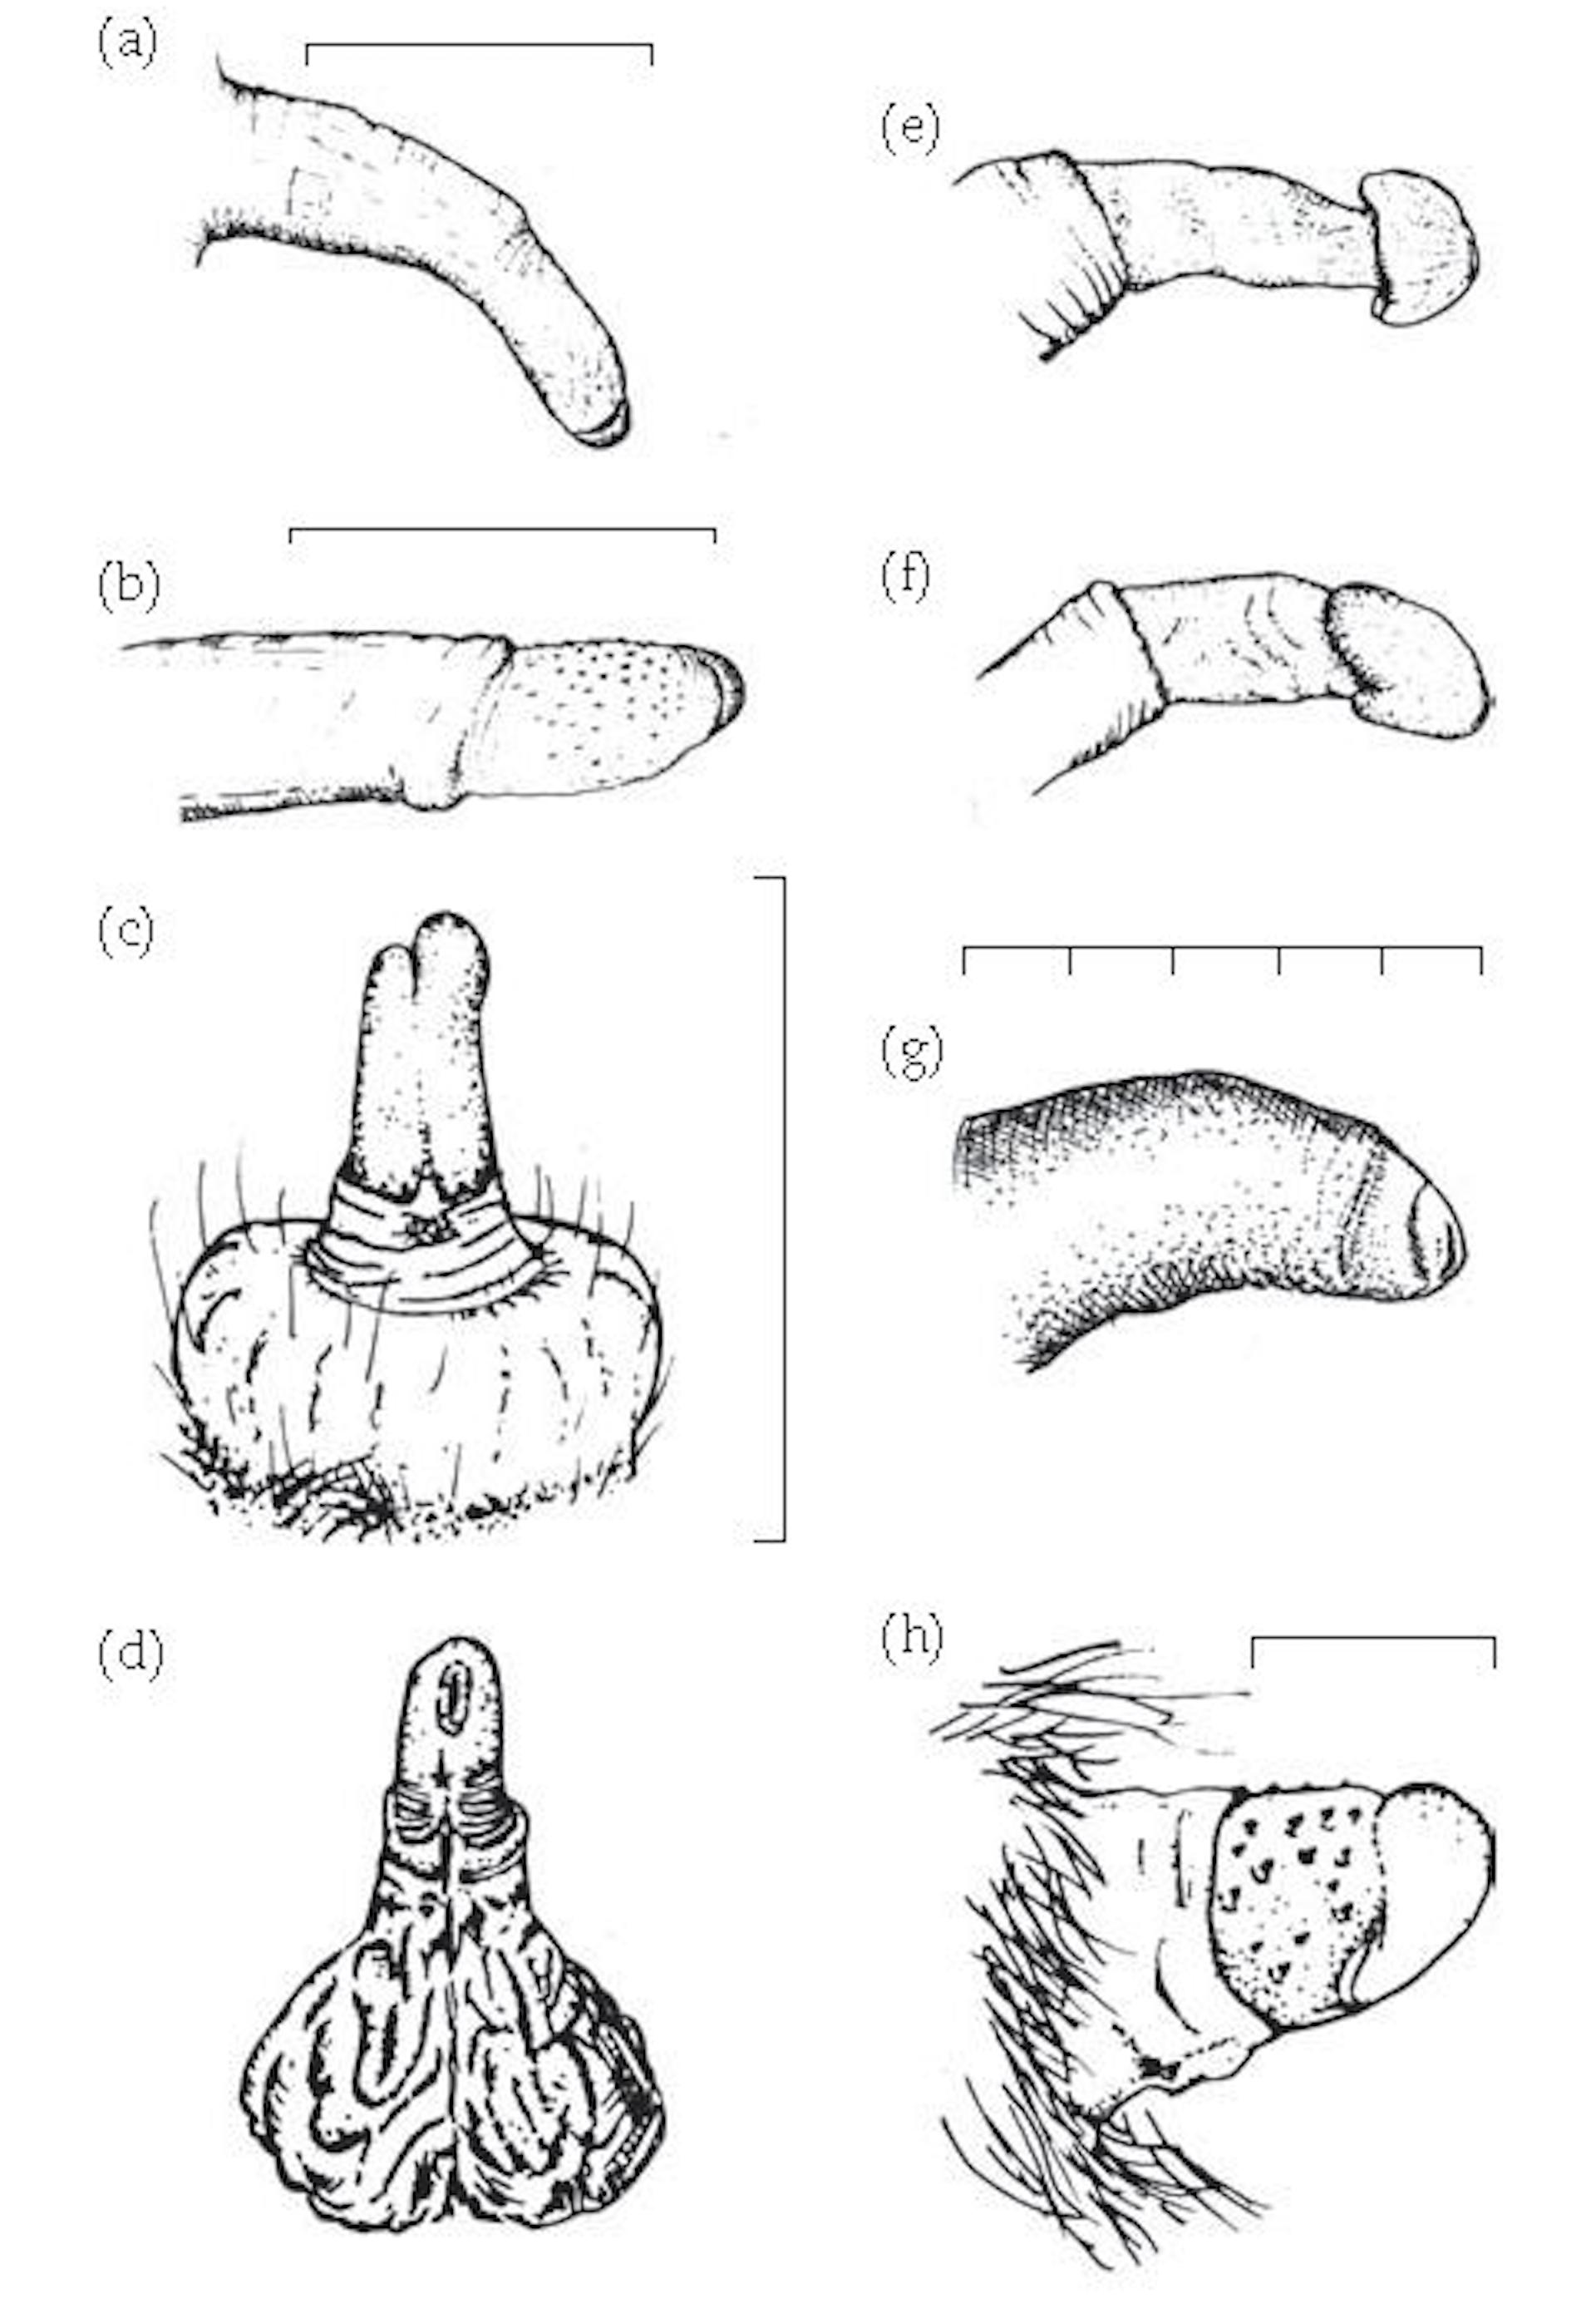 Penis Of Gorilla